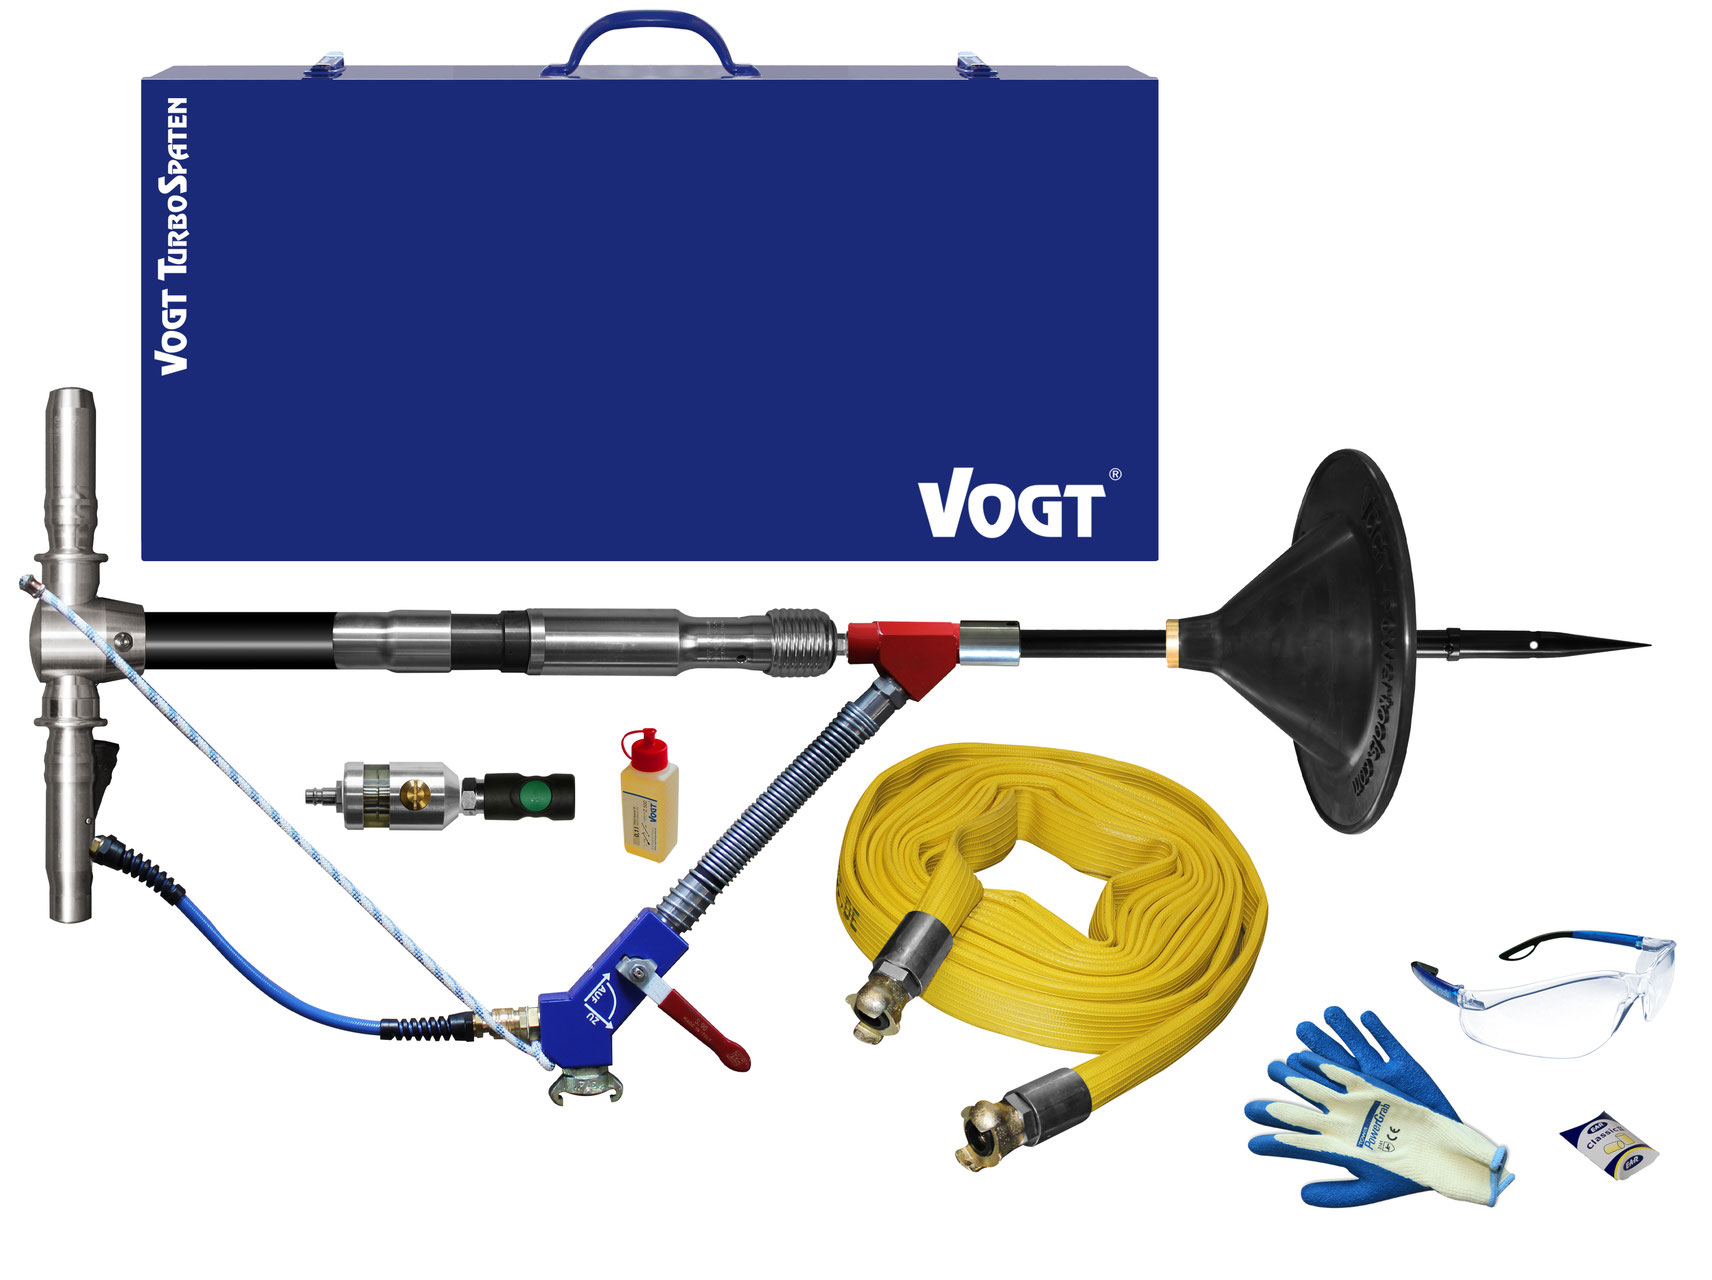 VOGT Belüftungslanze VBL Basis-Set VTS 50-50/VBL 95